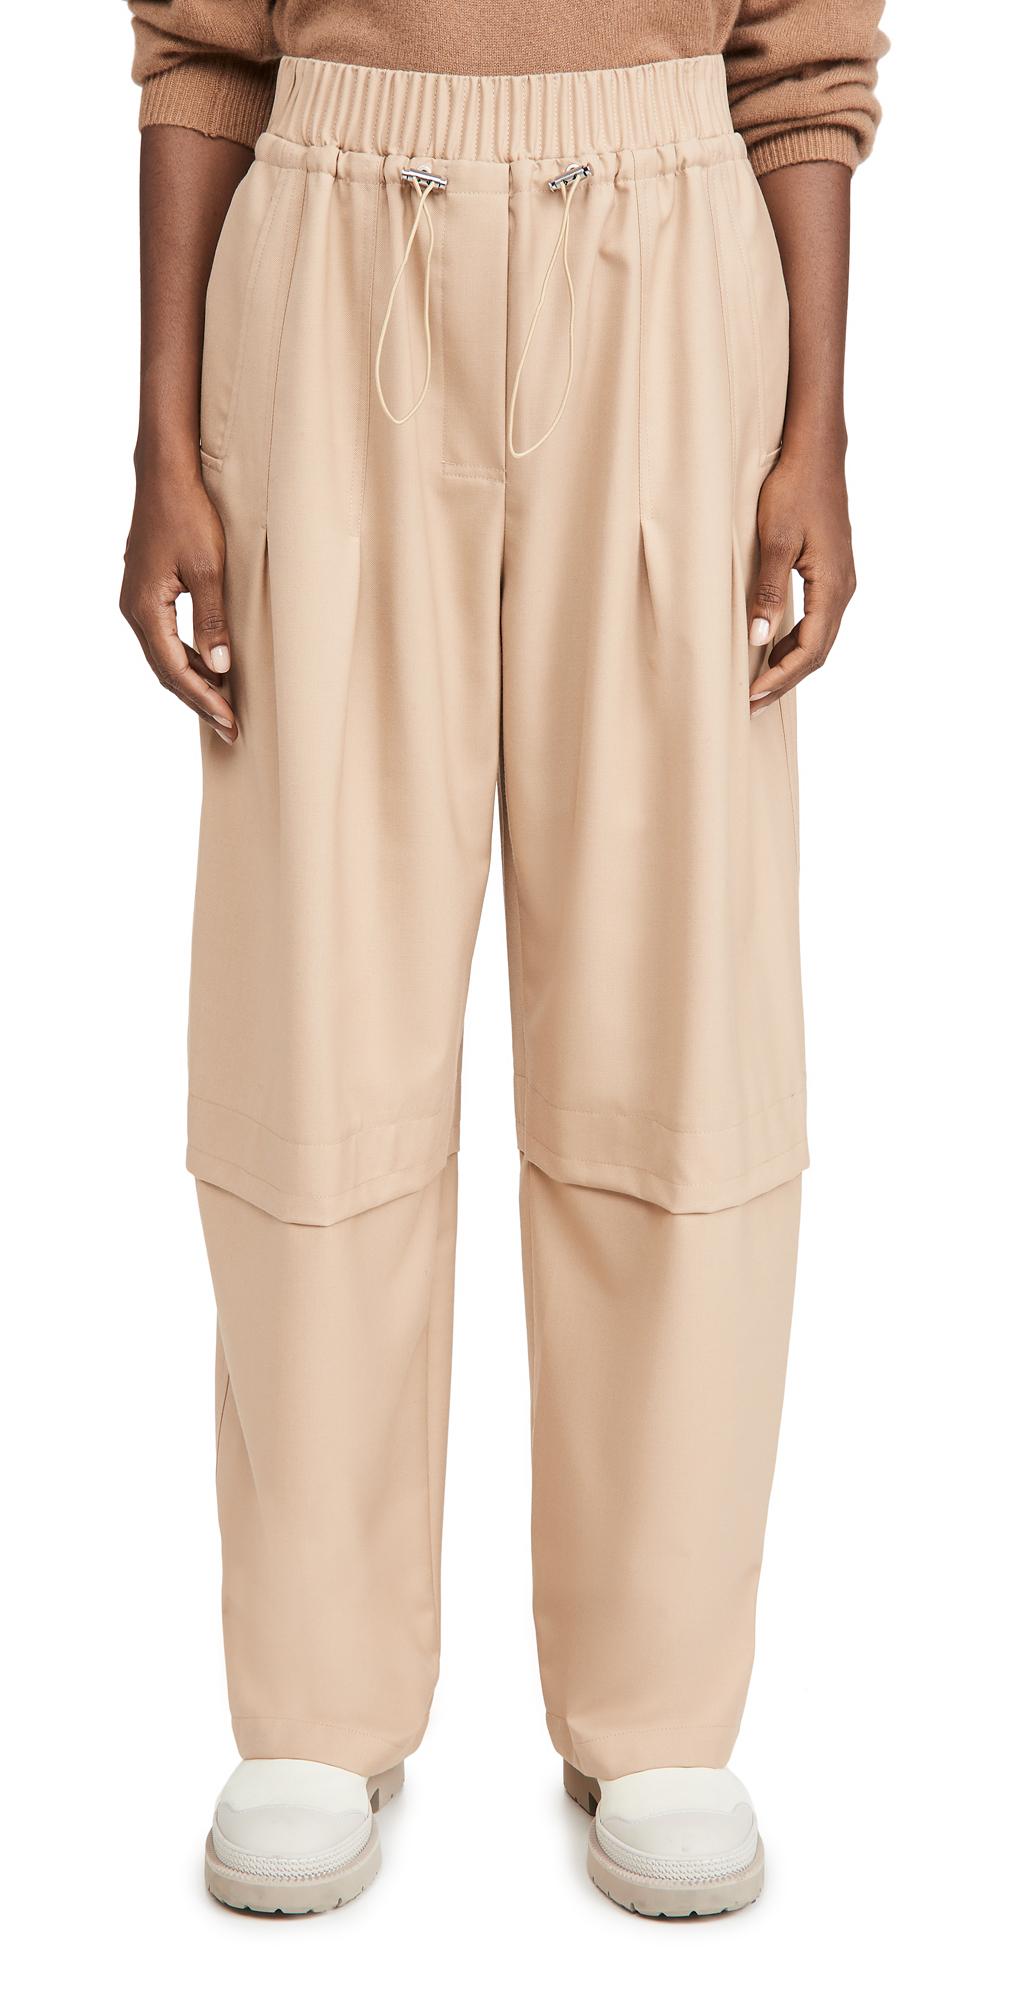 3.1 Phillip Lim Wool Serge Gathered Drawstring Pants